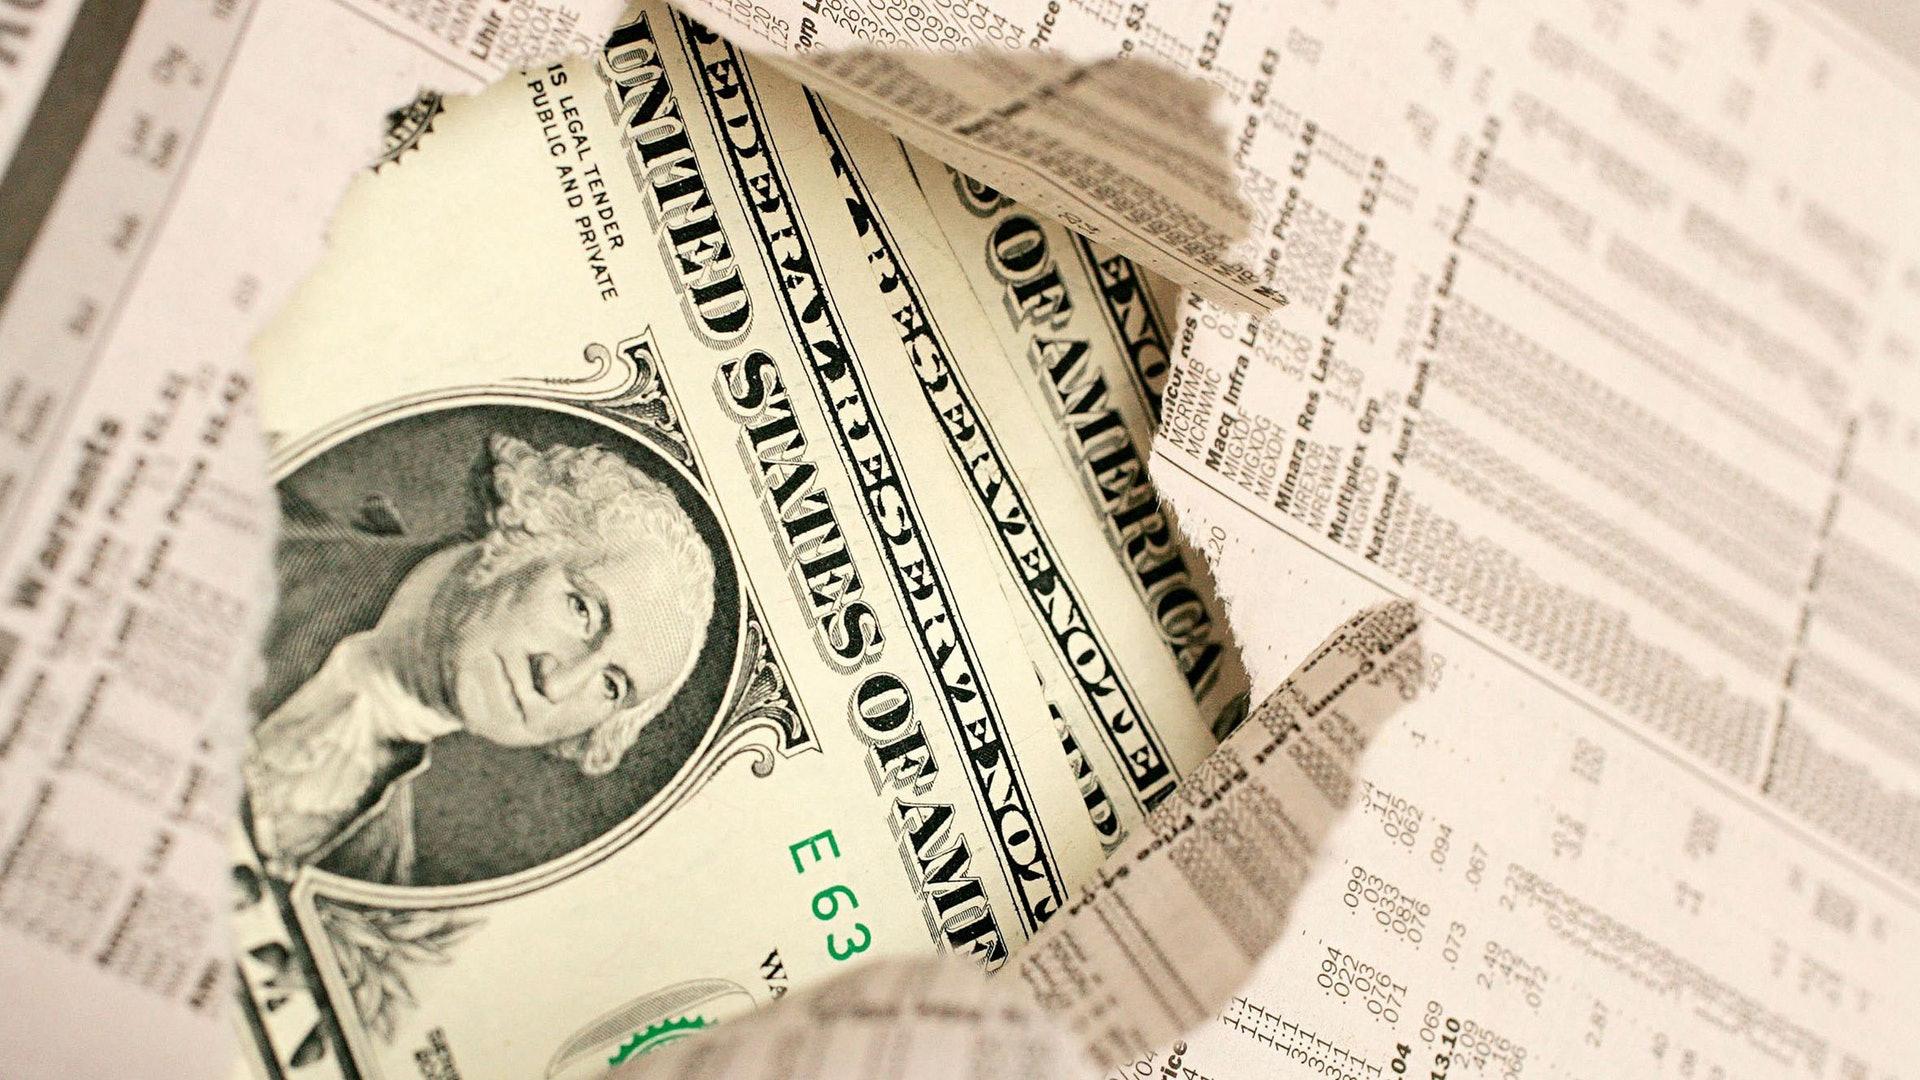 美财政赤字将达二战后最高水平惠誉:高收益率债券违约率创新高|香港01|财经快讯